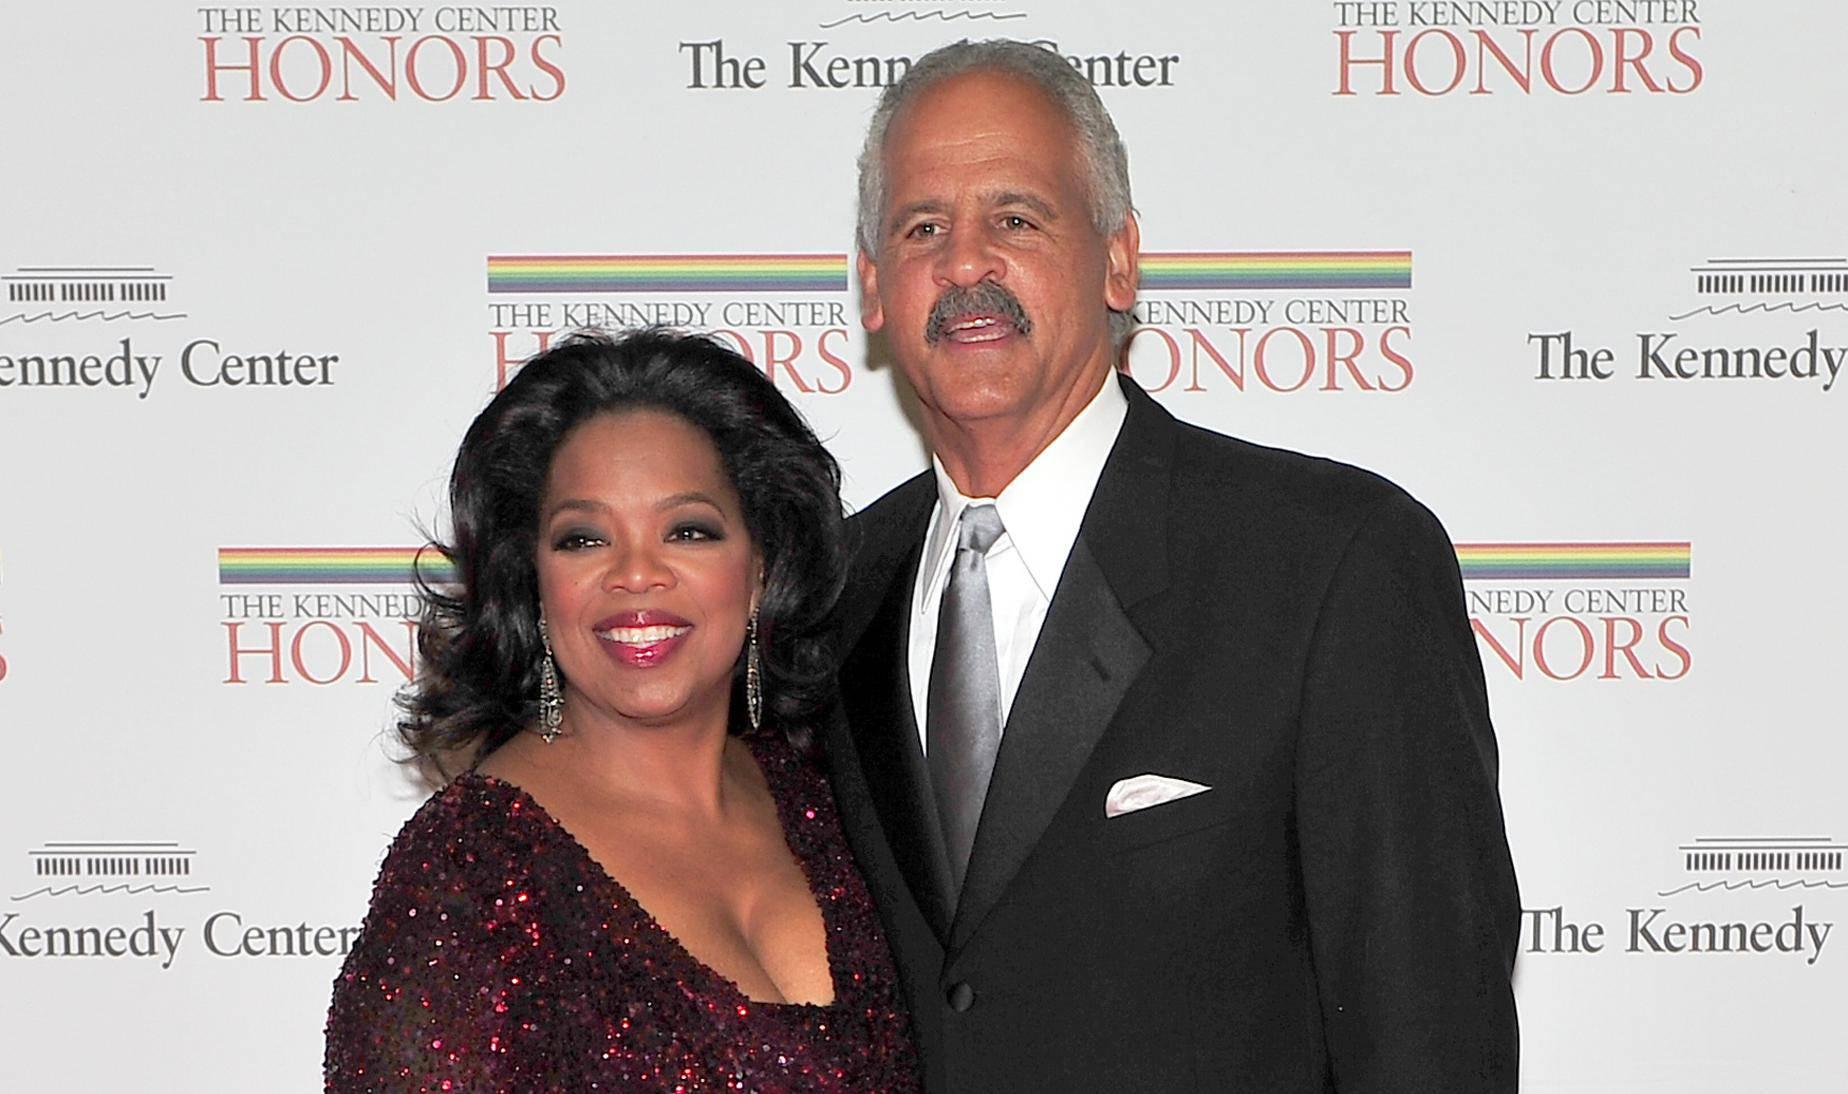 Kennedy Center Honors Gala Dinner - D.C.